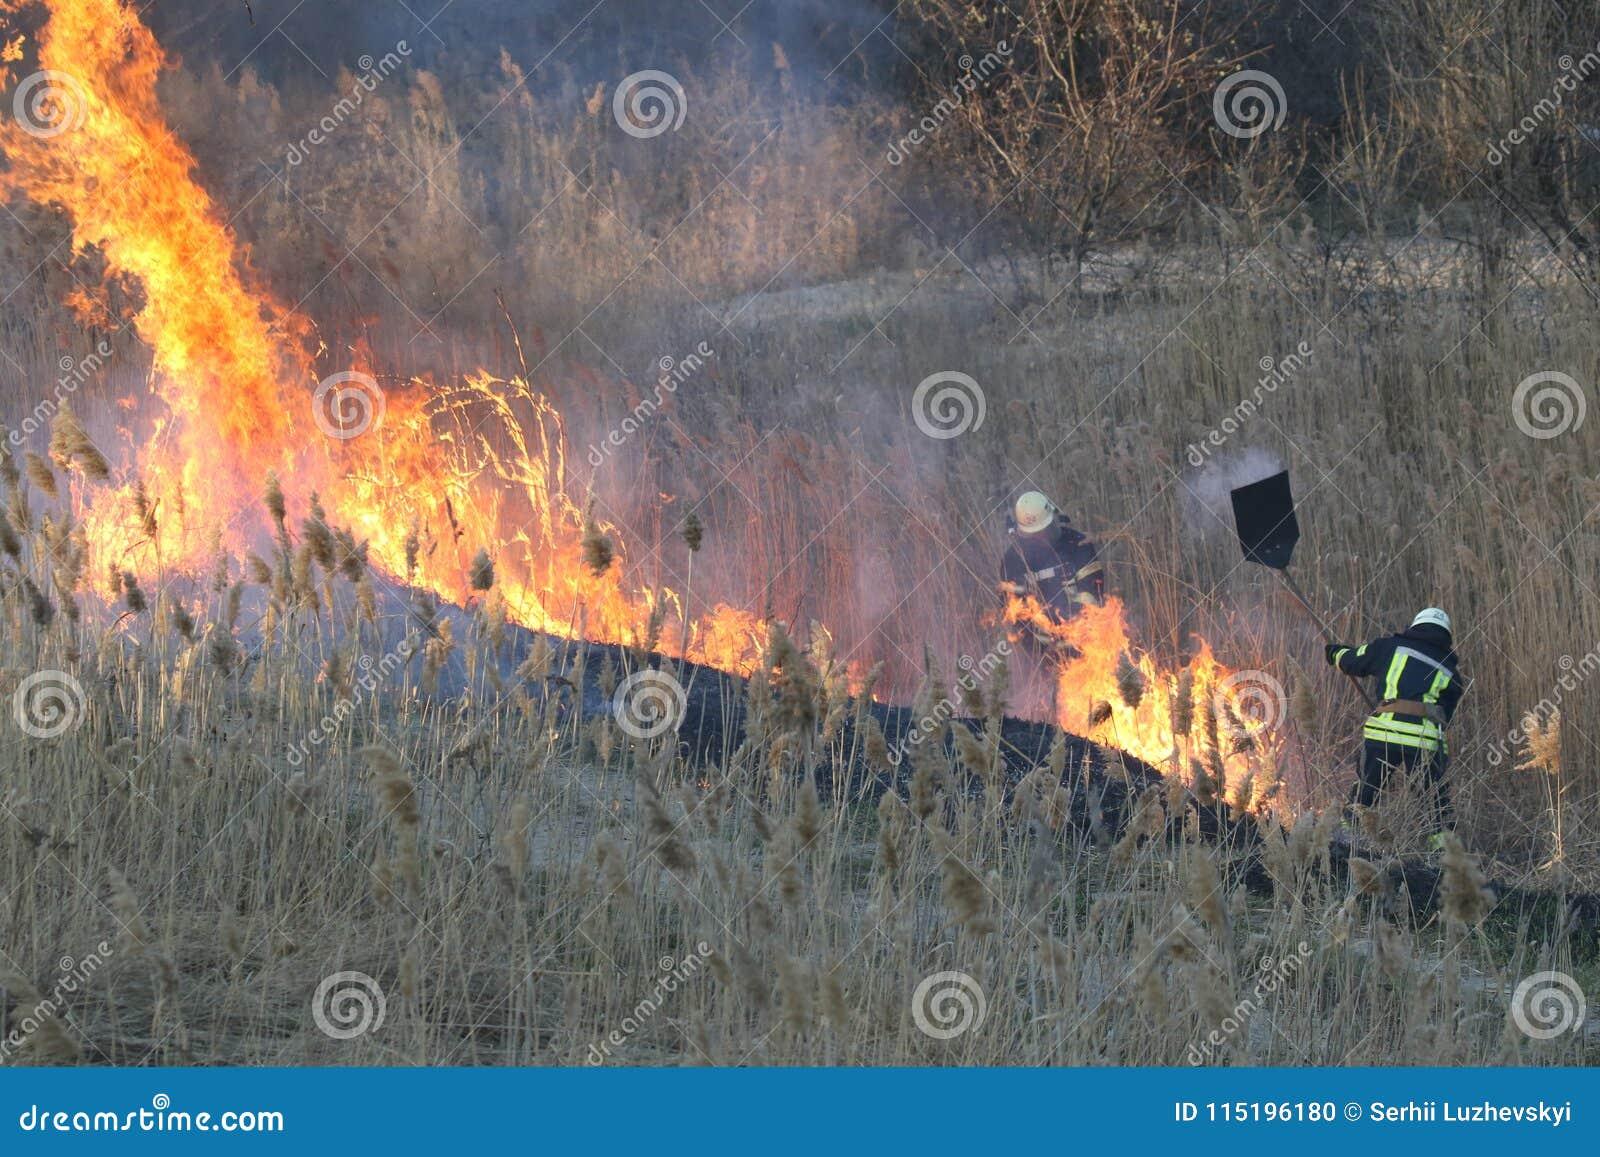 Les sapeurs-pompiers luttent un feu de forêt au printemps